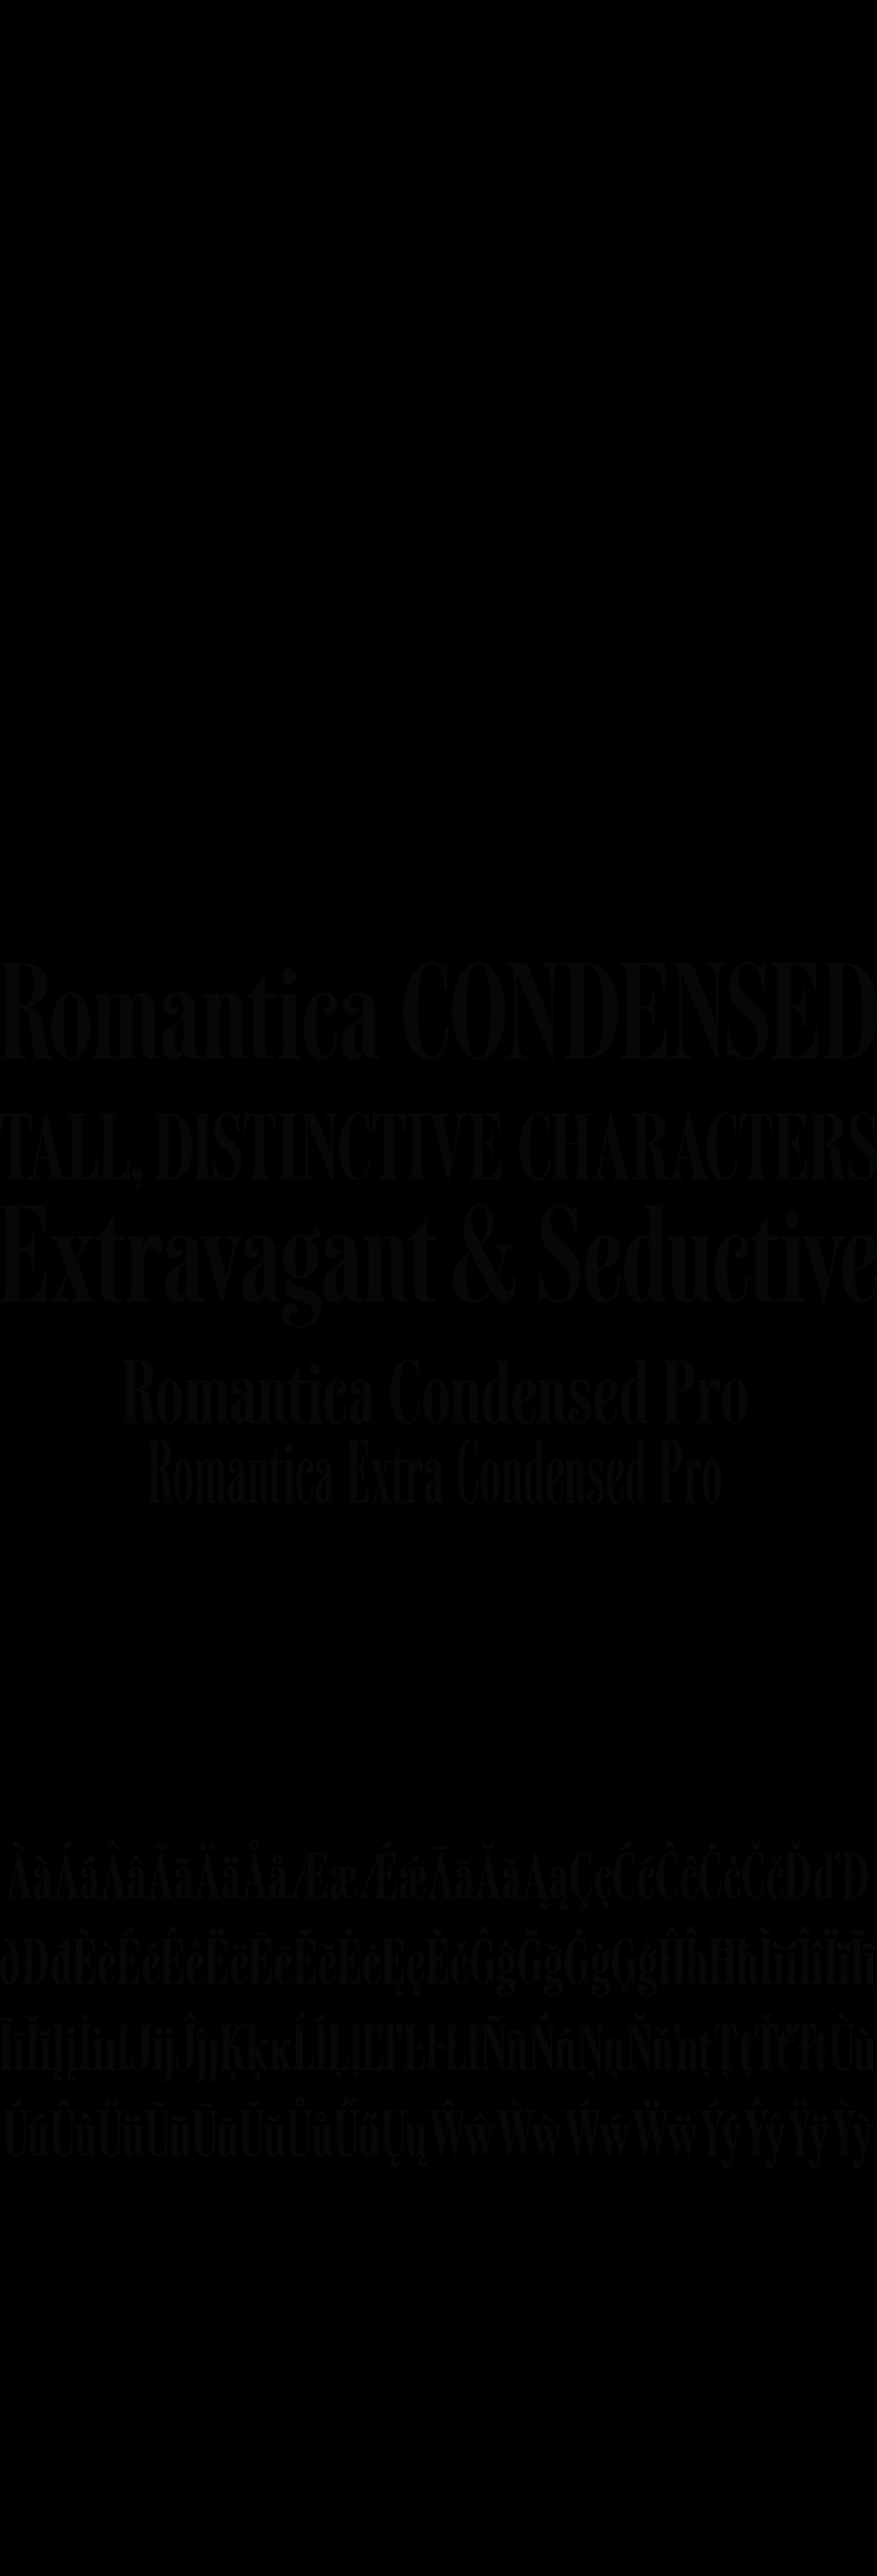 Romantica-pro-billboard